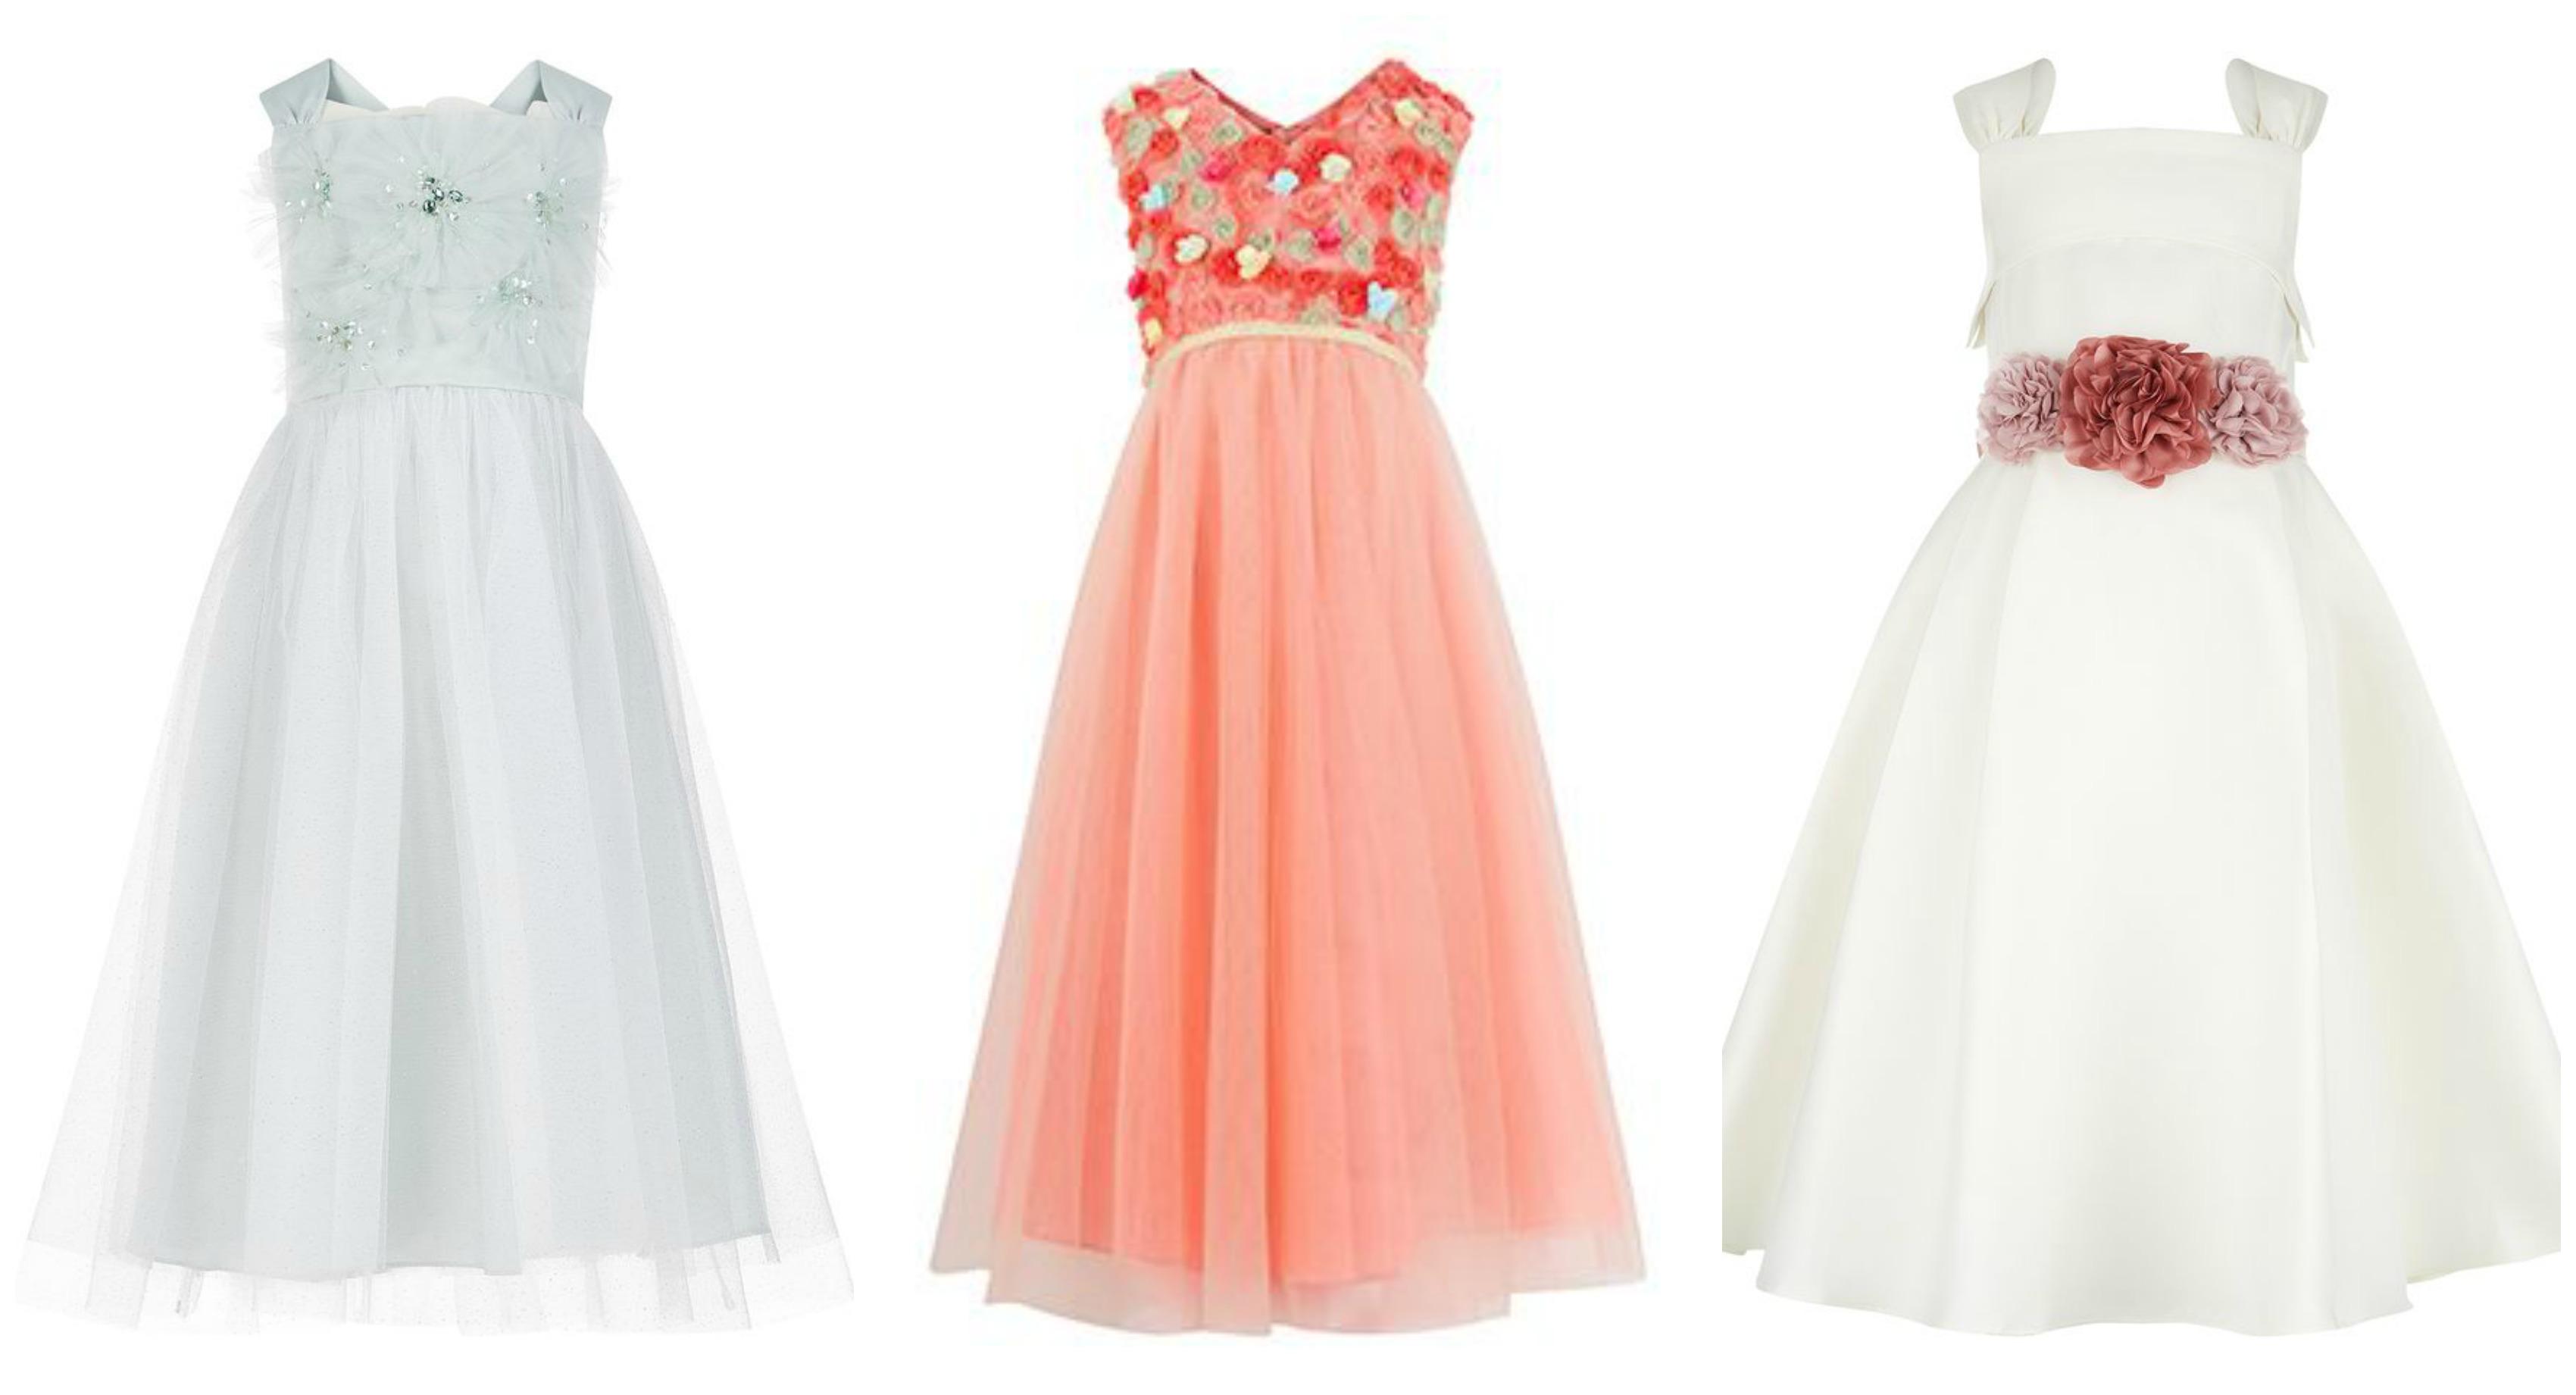 Monsoon special occasion dresses-communiejurken-feestjurken voor meisjes-feestkleding-bruidsmeisje-jurk voor bruidsmeisjes-GoodGirlsCompany